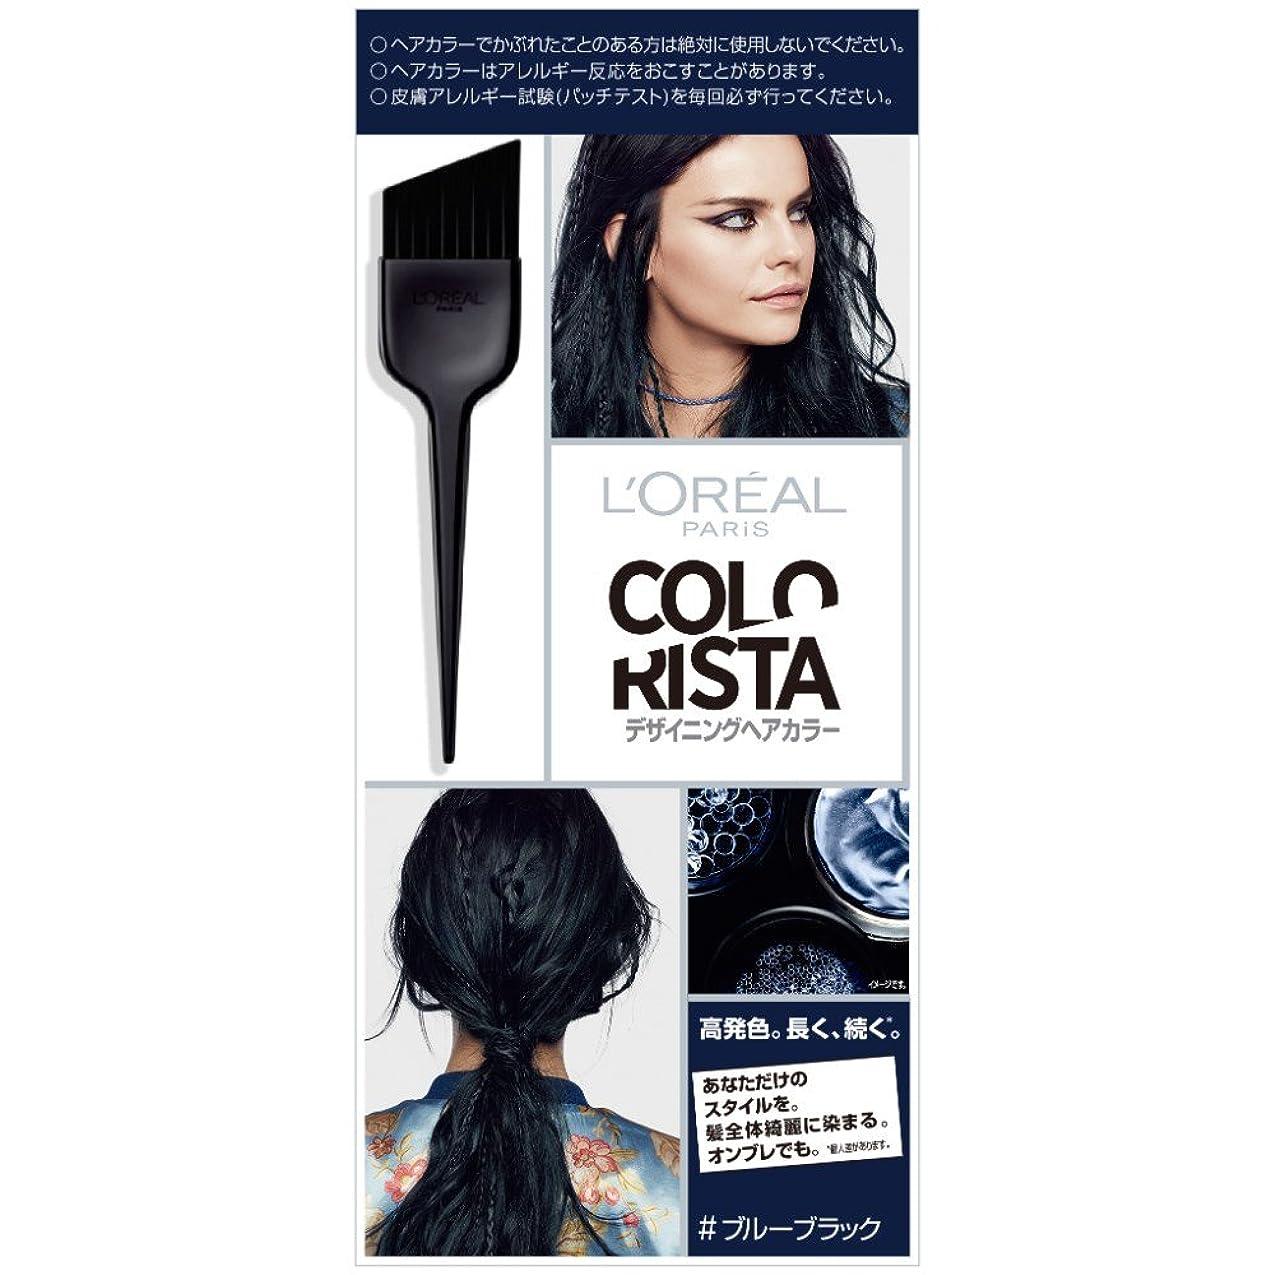 いちゃつく素晴らしいですバリアロレアル パリ カラーリスタ デザイニングヘアカラー ブルーブラック